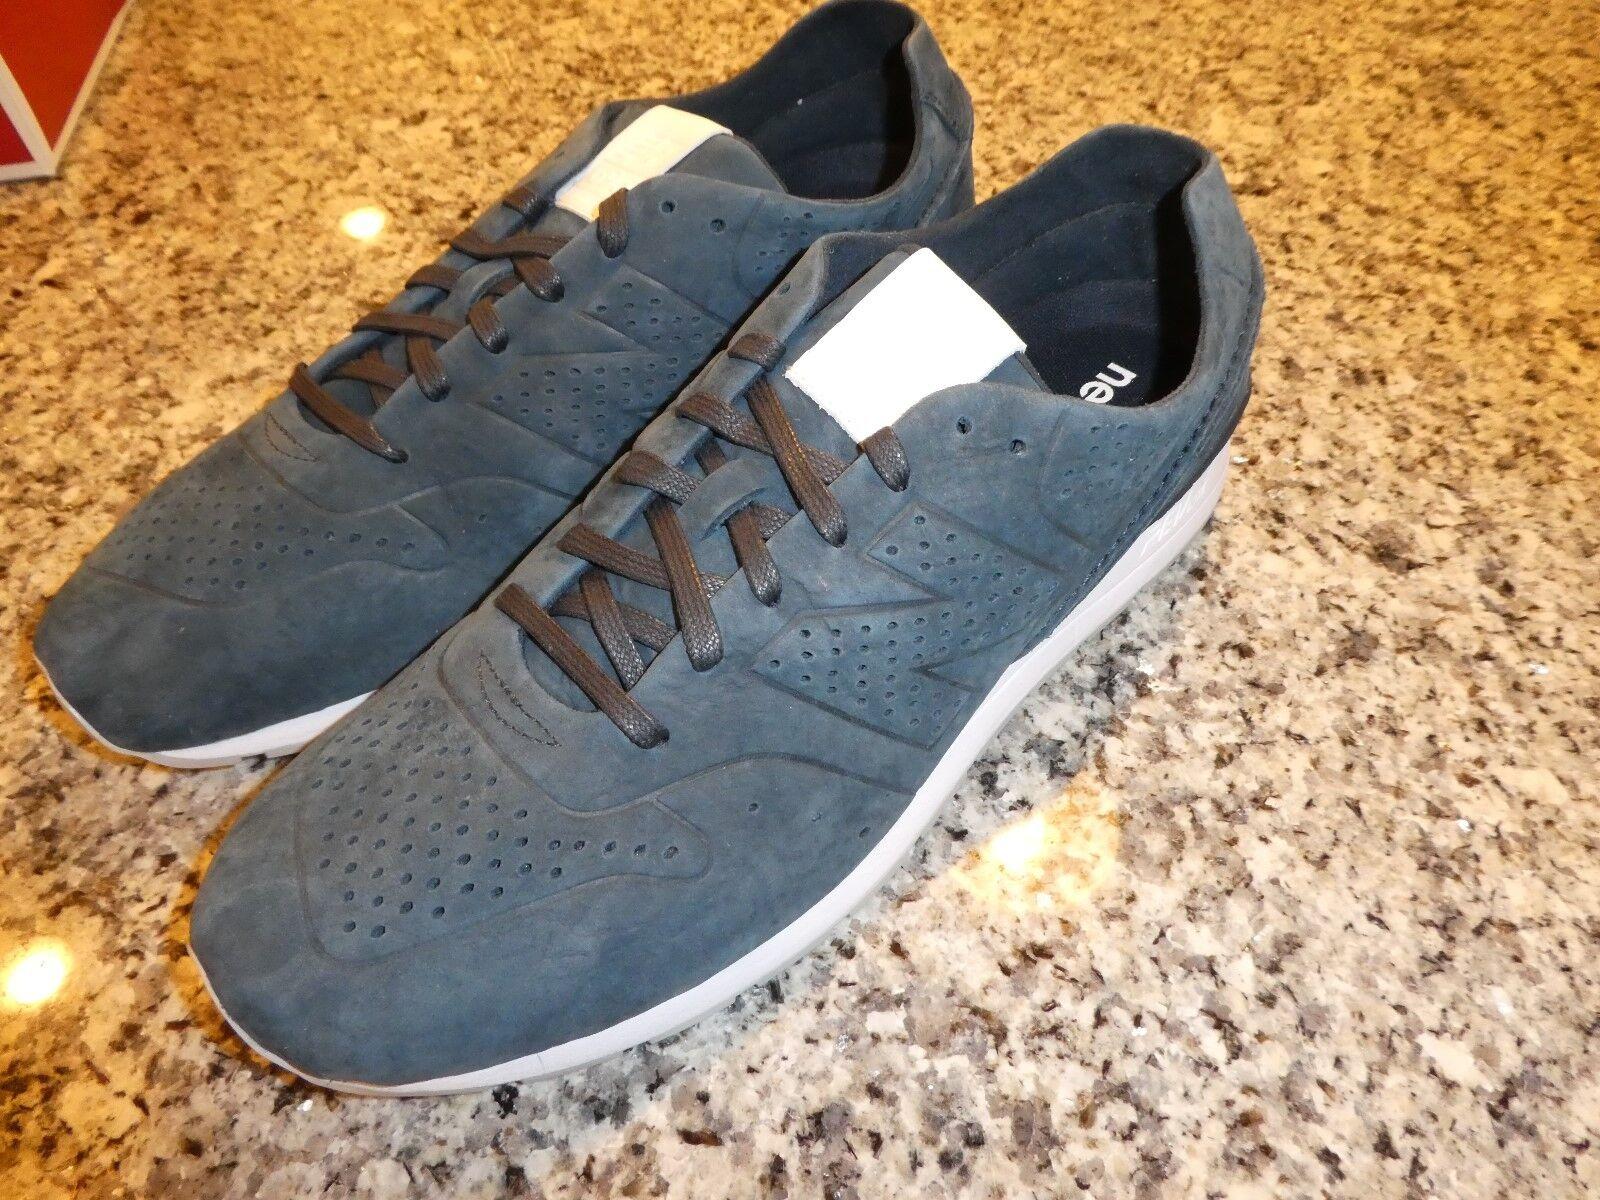 New Balance hommes MRL696DN Decontructed Chaussures bleu 696 Taille 13